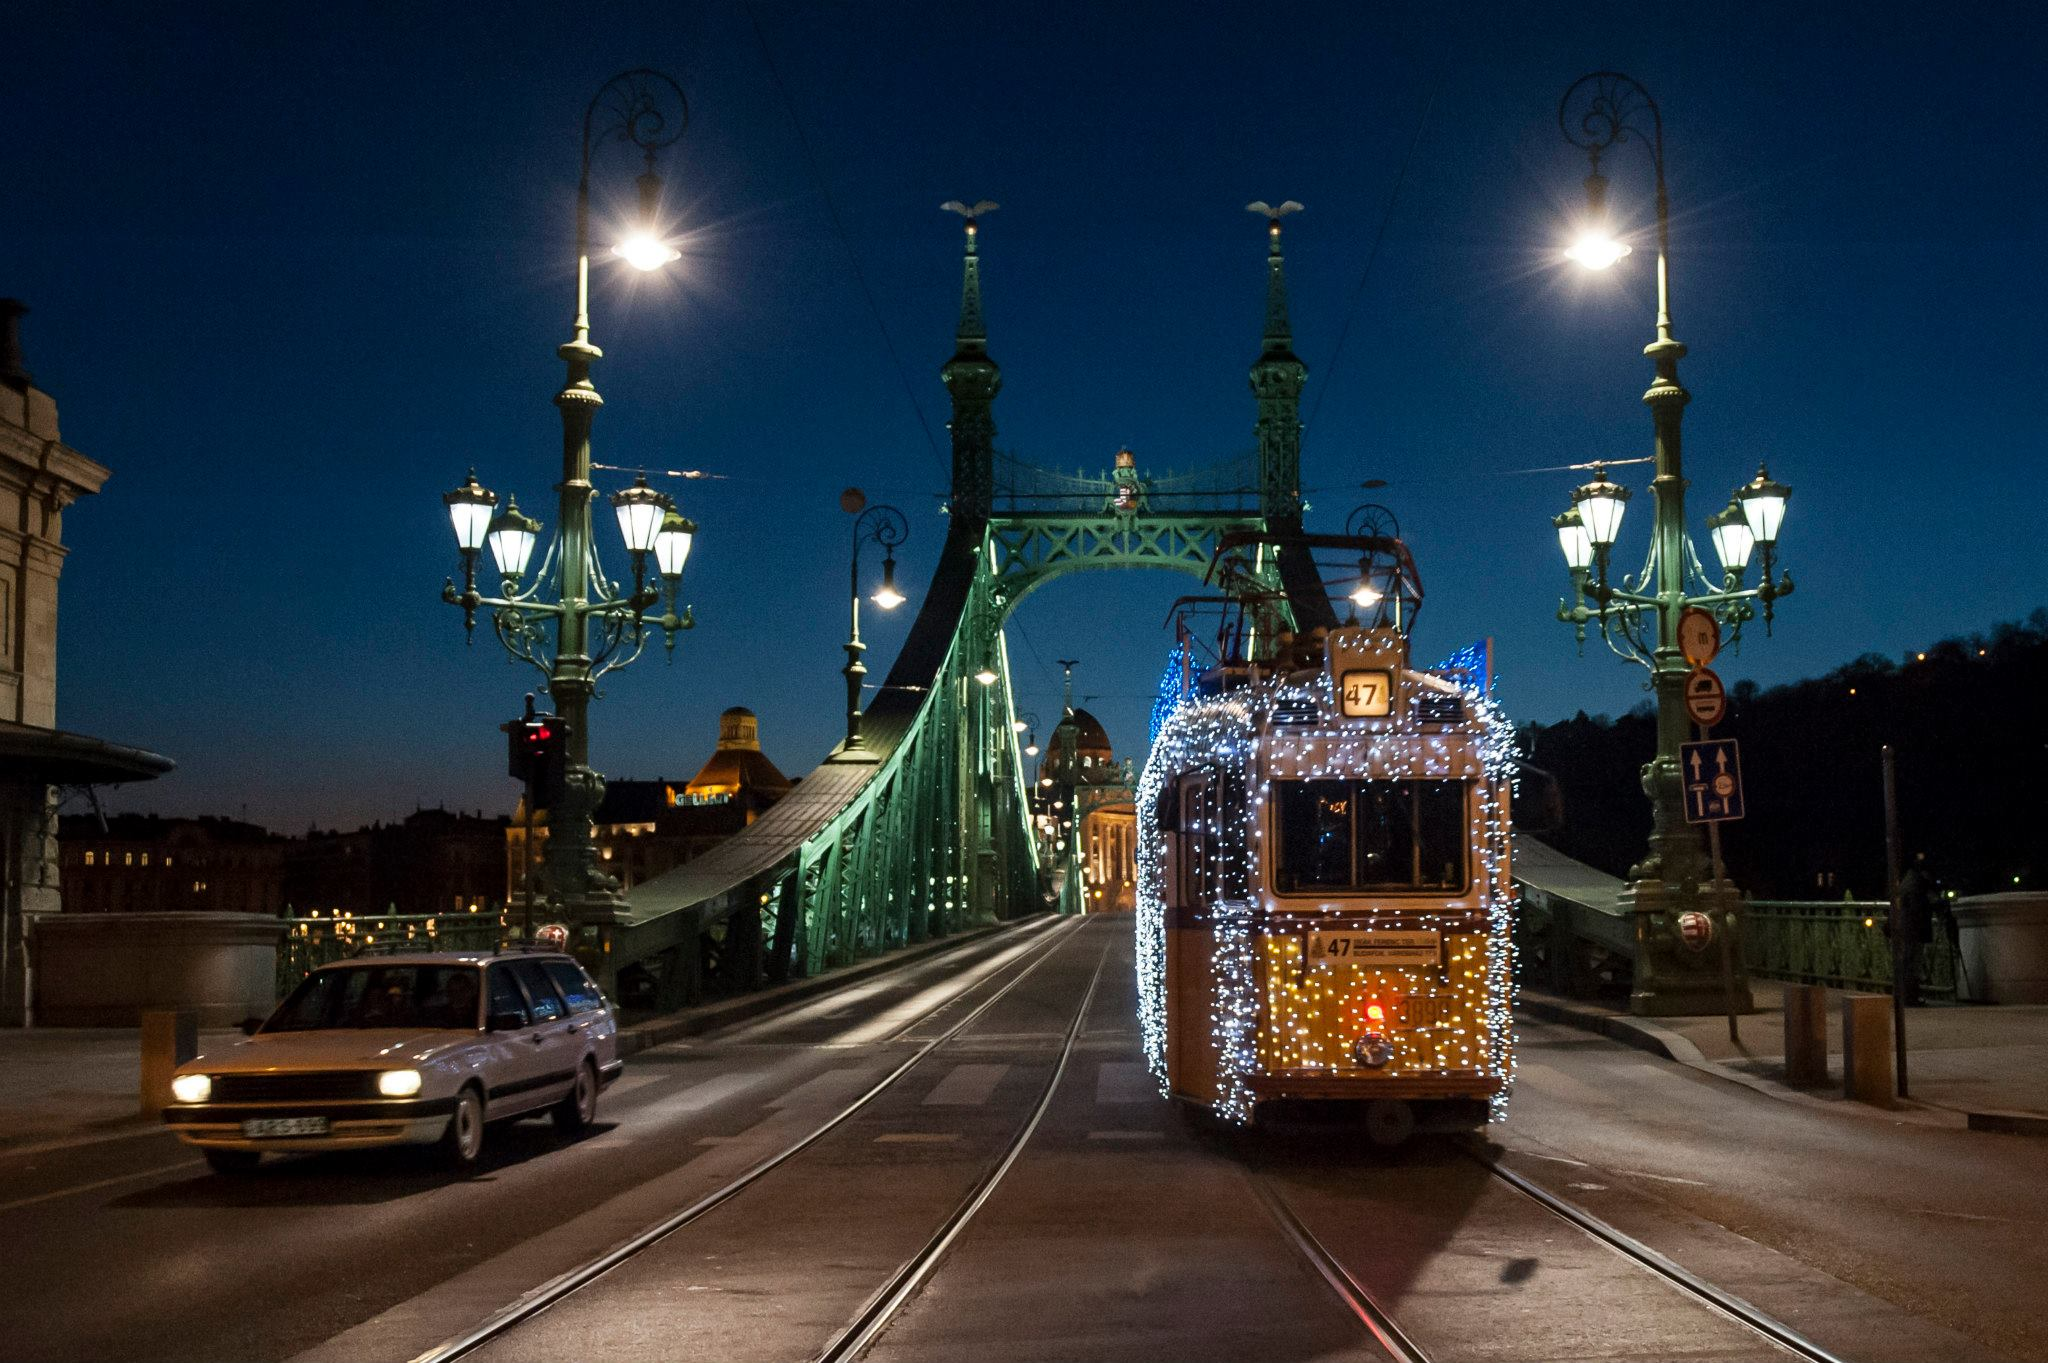 Tramway de noel pont des chaines budapest